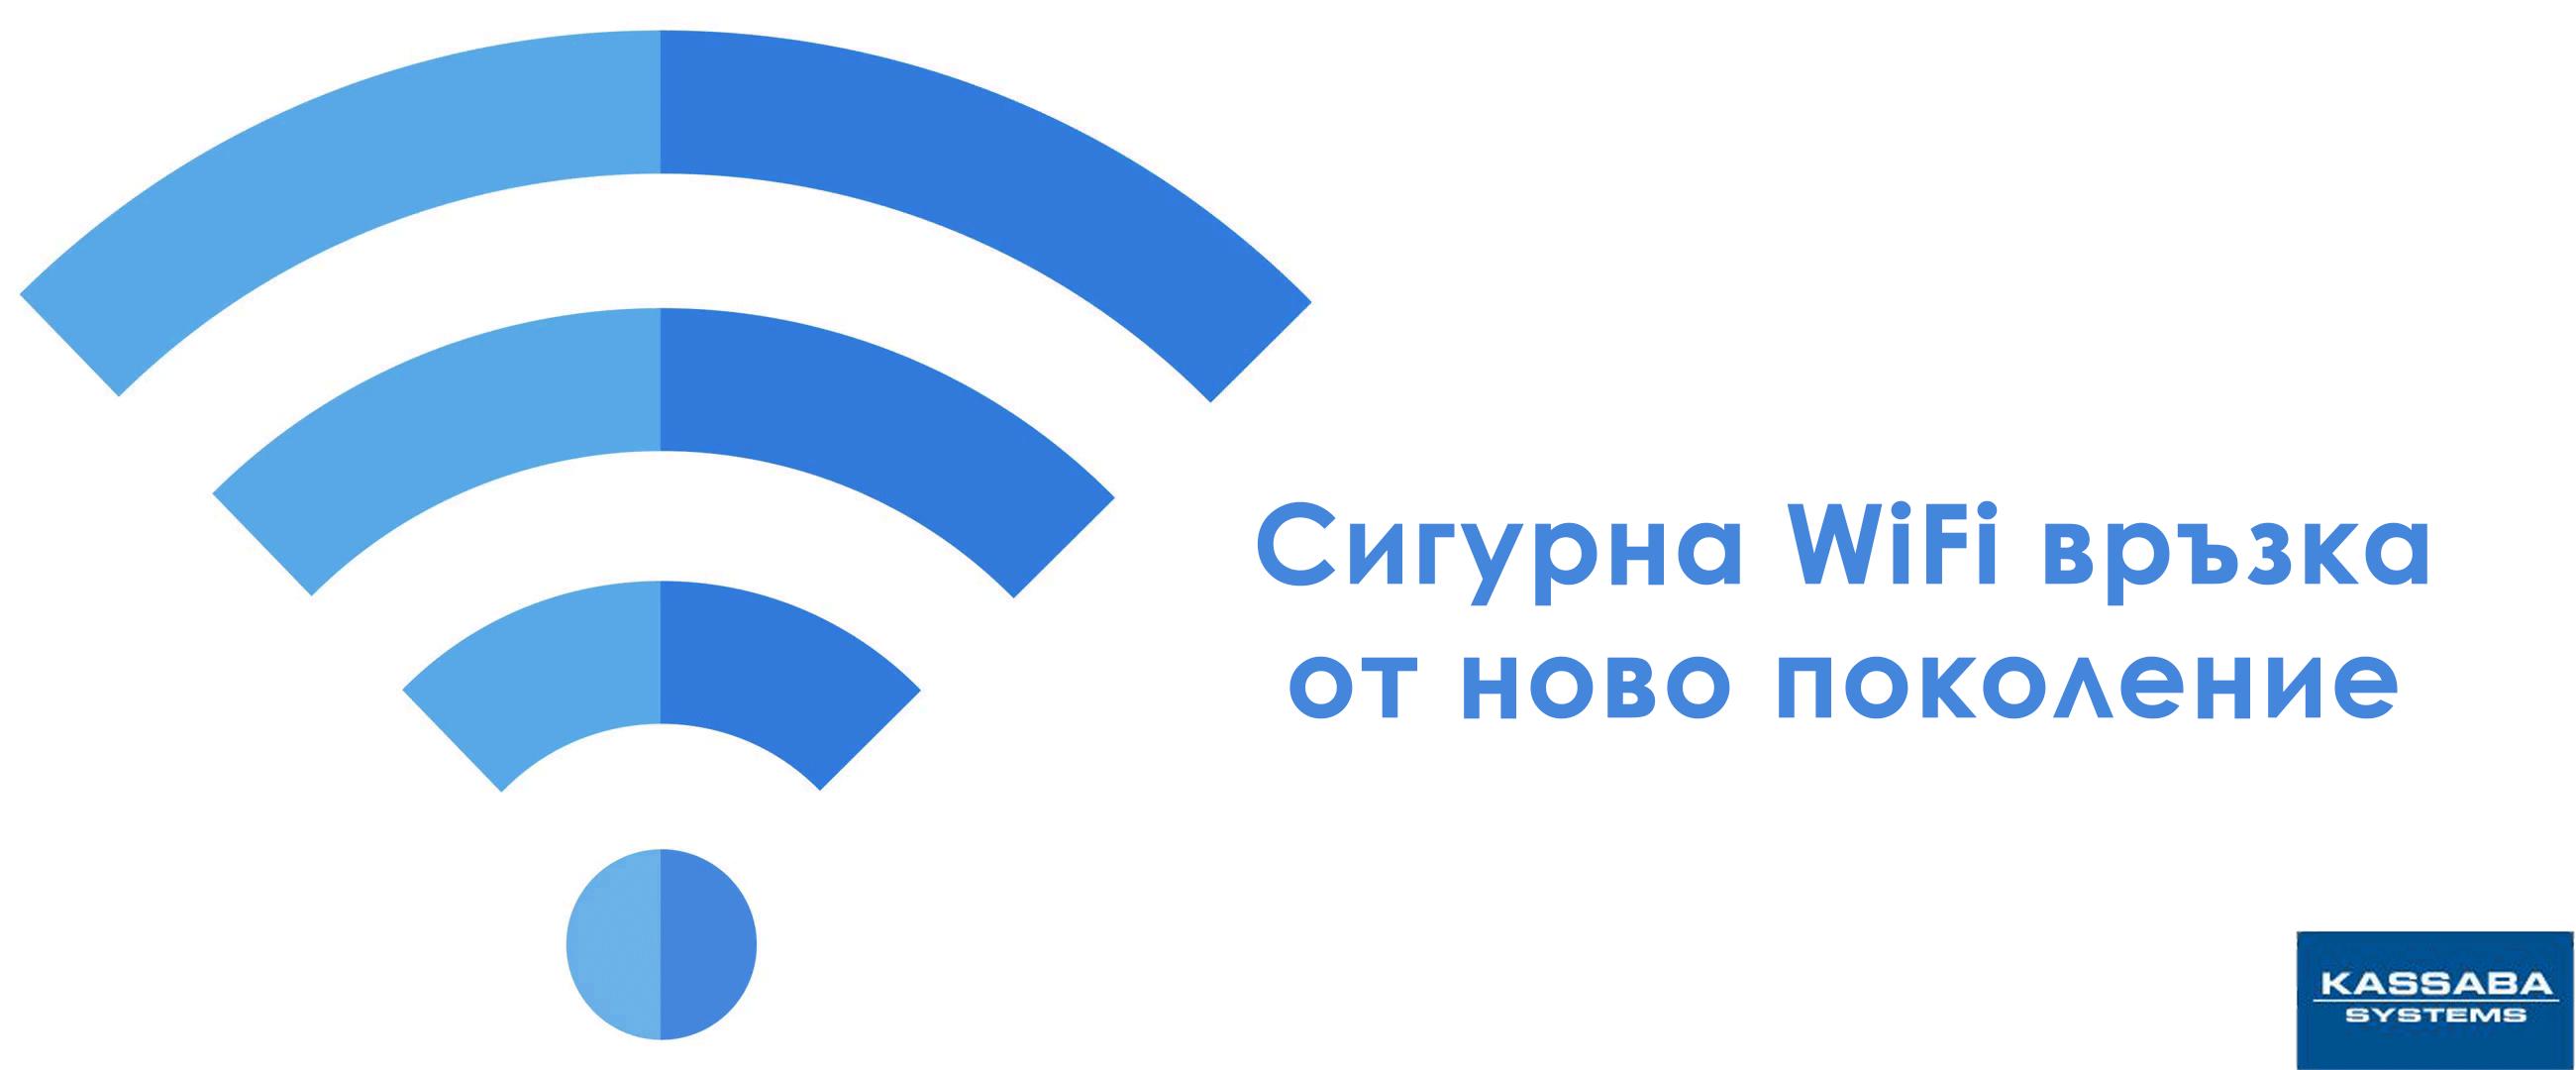 Сигурна безжична Wi-Fi връзка от ново поколение